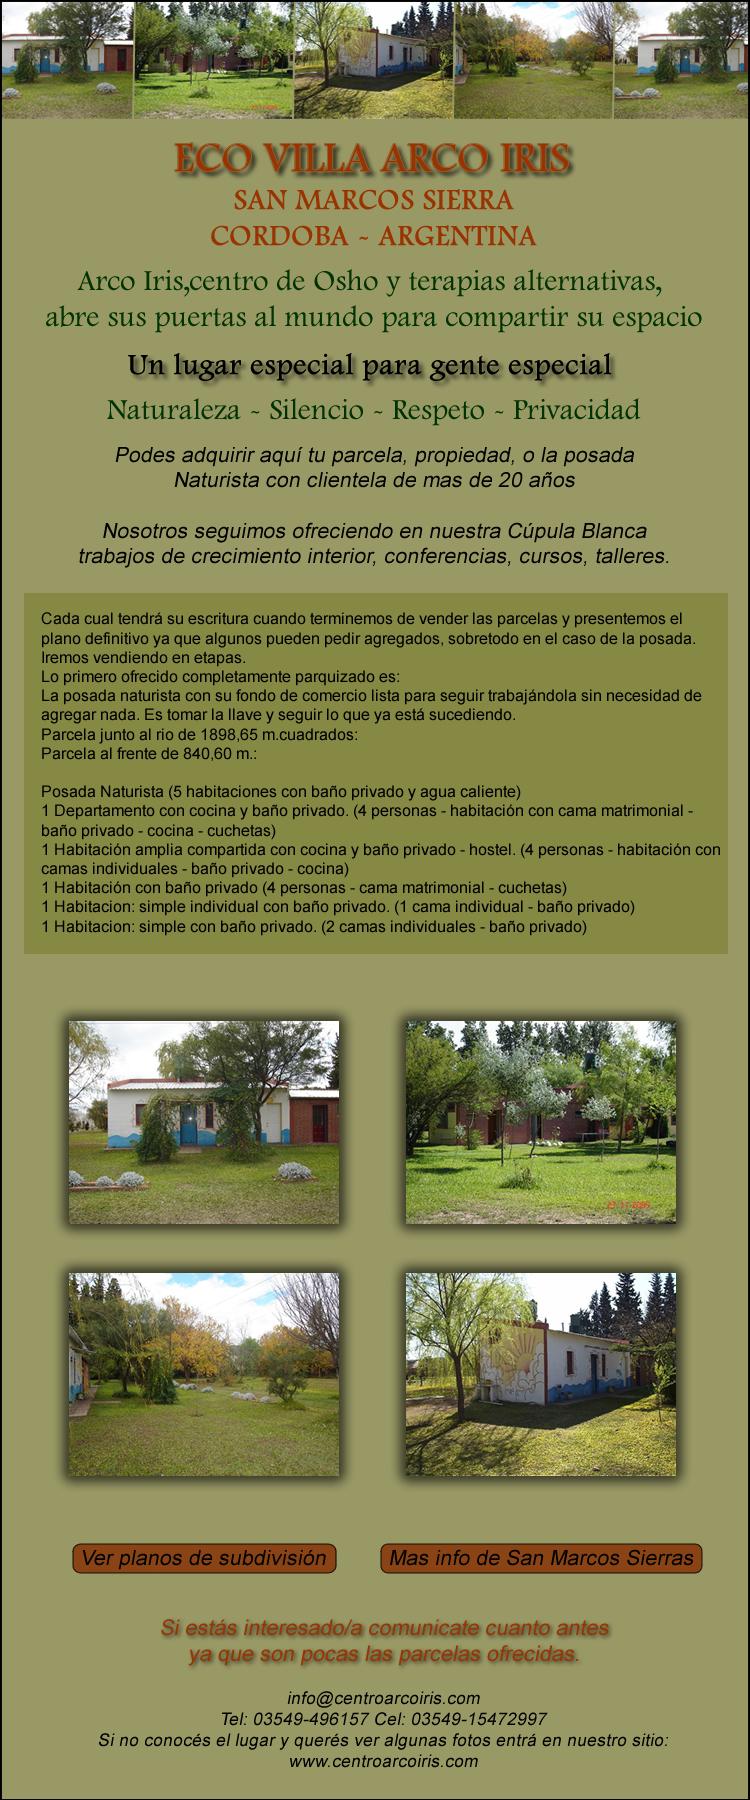 Eco Villa Arco Iris - Parcelas - Lotes - Posada - comprar